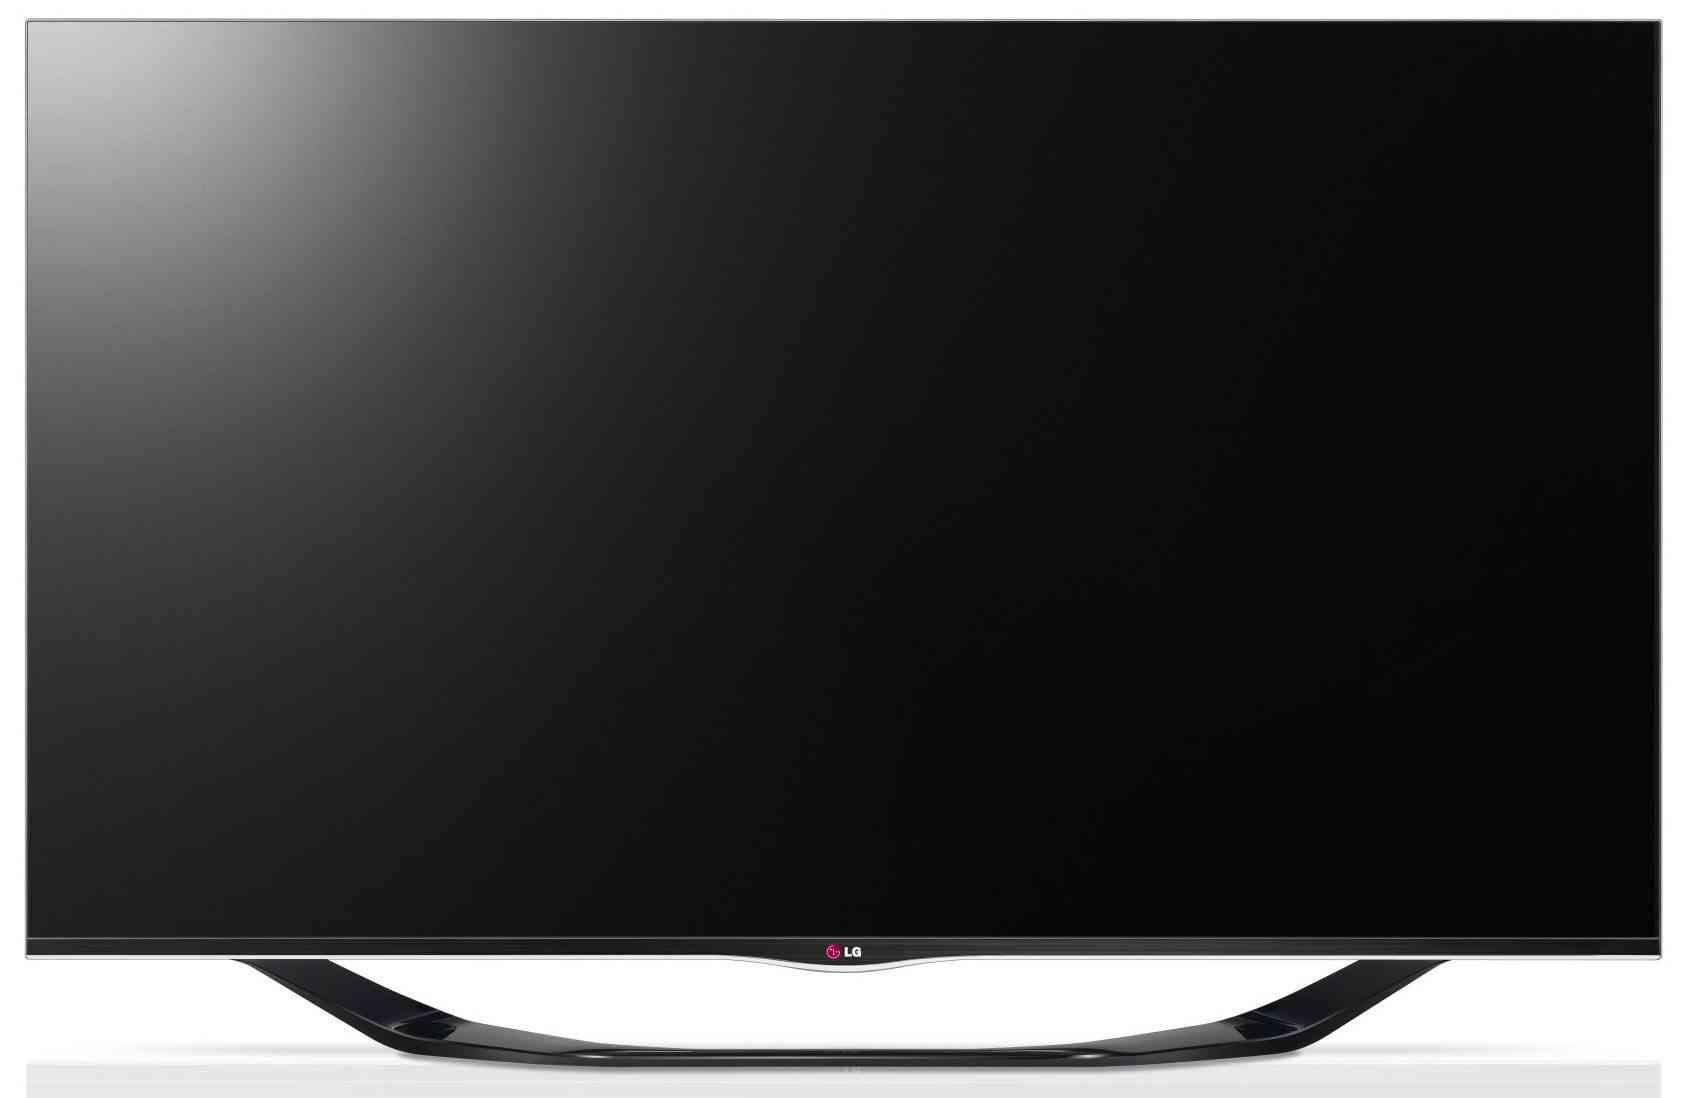 Lg 55la691s Led Tv